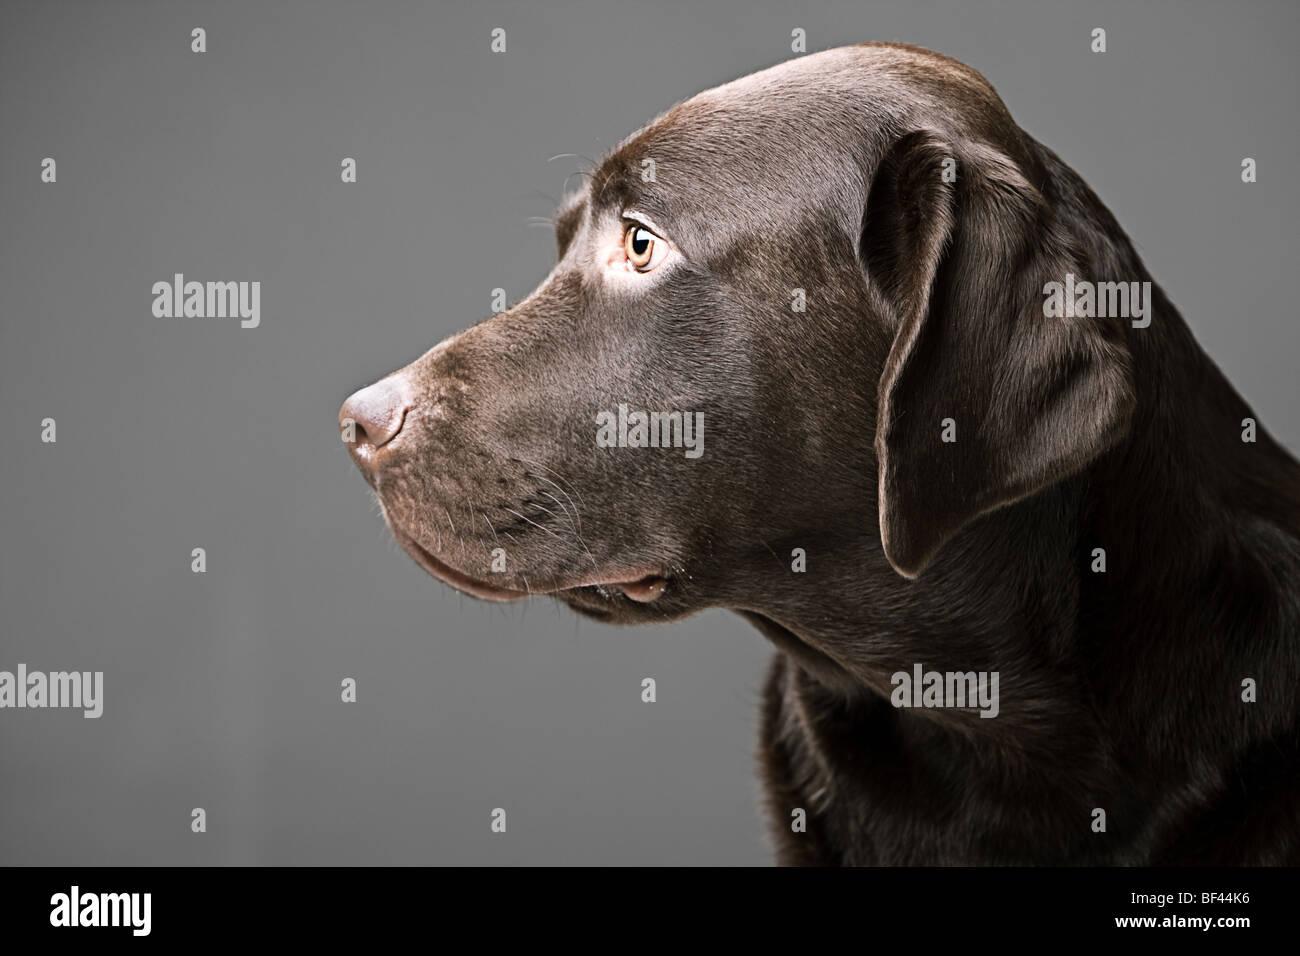 Profil-Bild von ein schöner Chocolate Labrador Rüde Stockbild